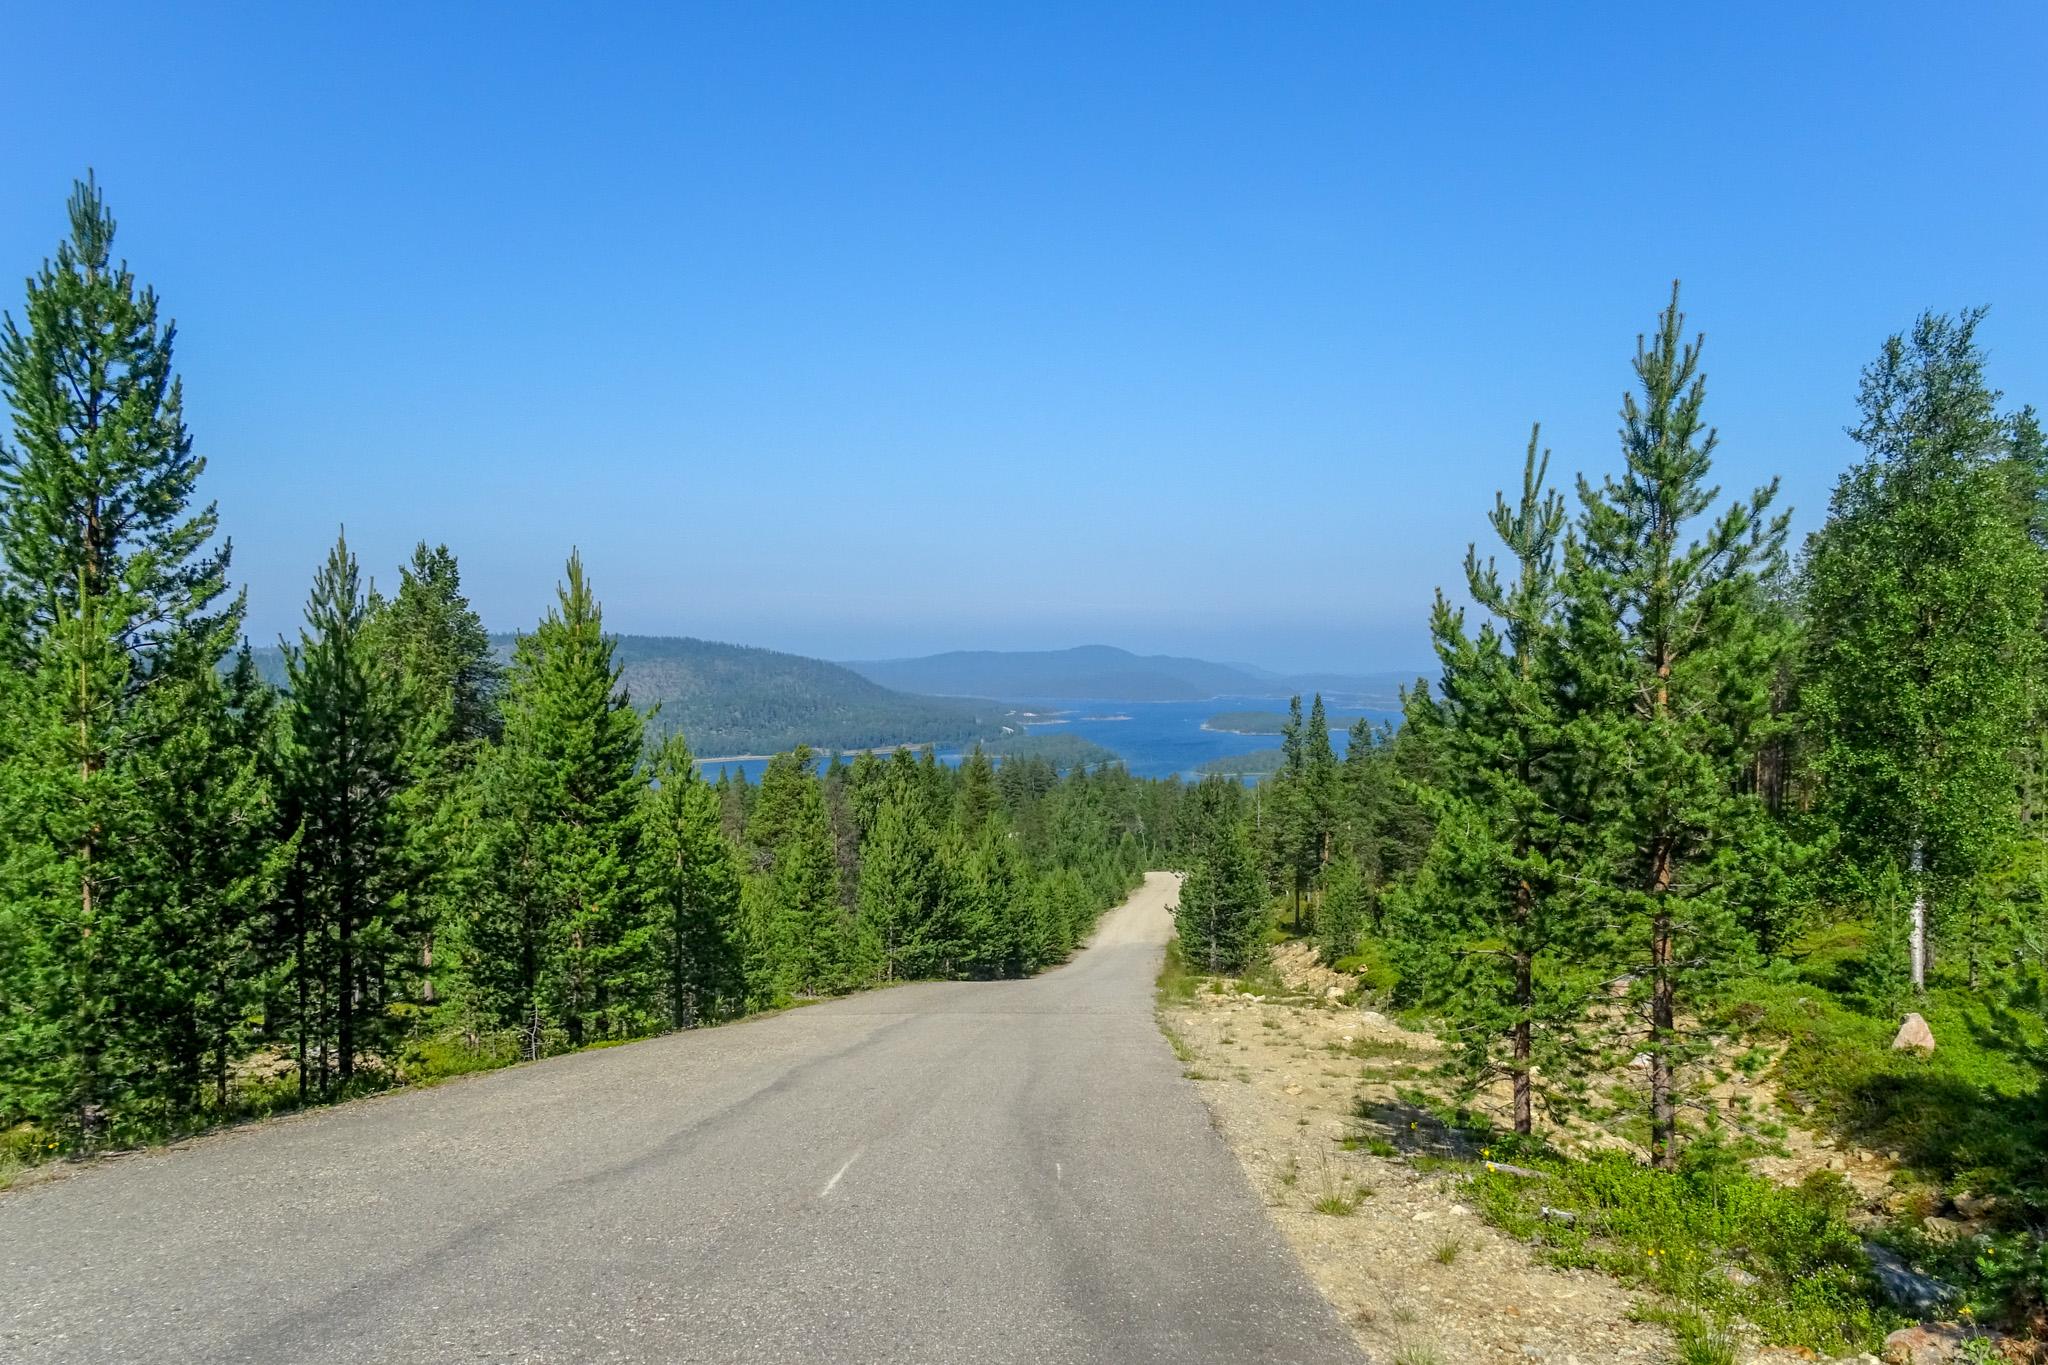 Blick auf den Inari-See